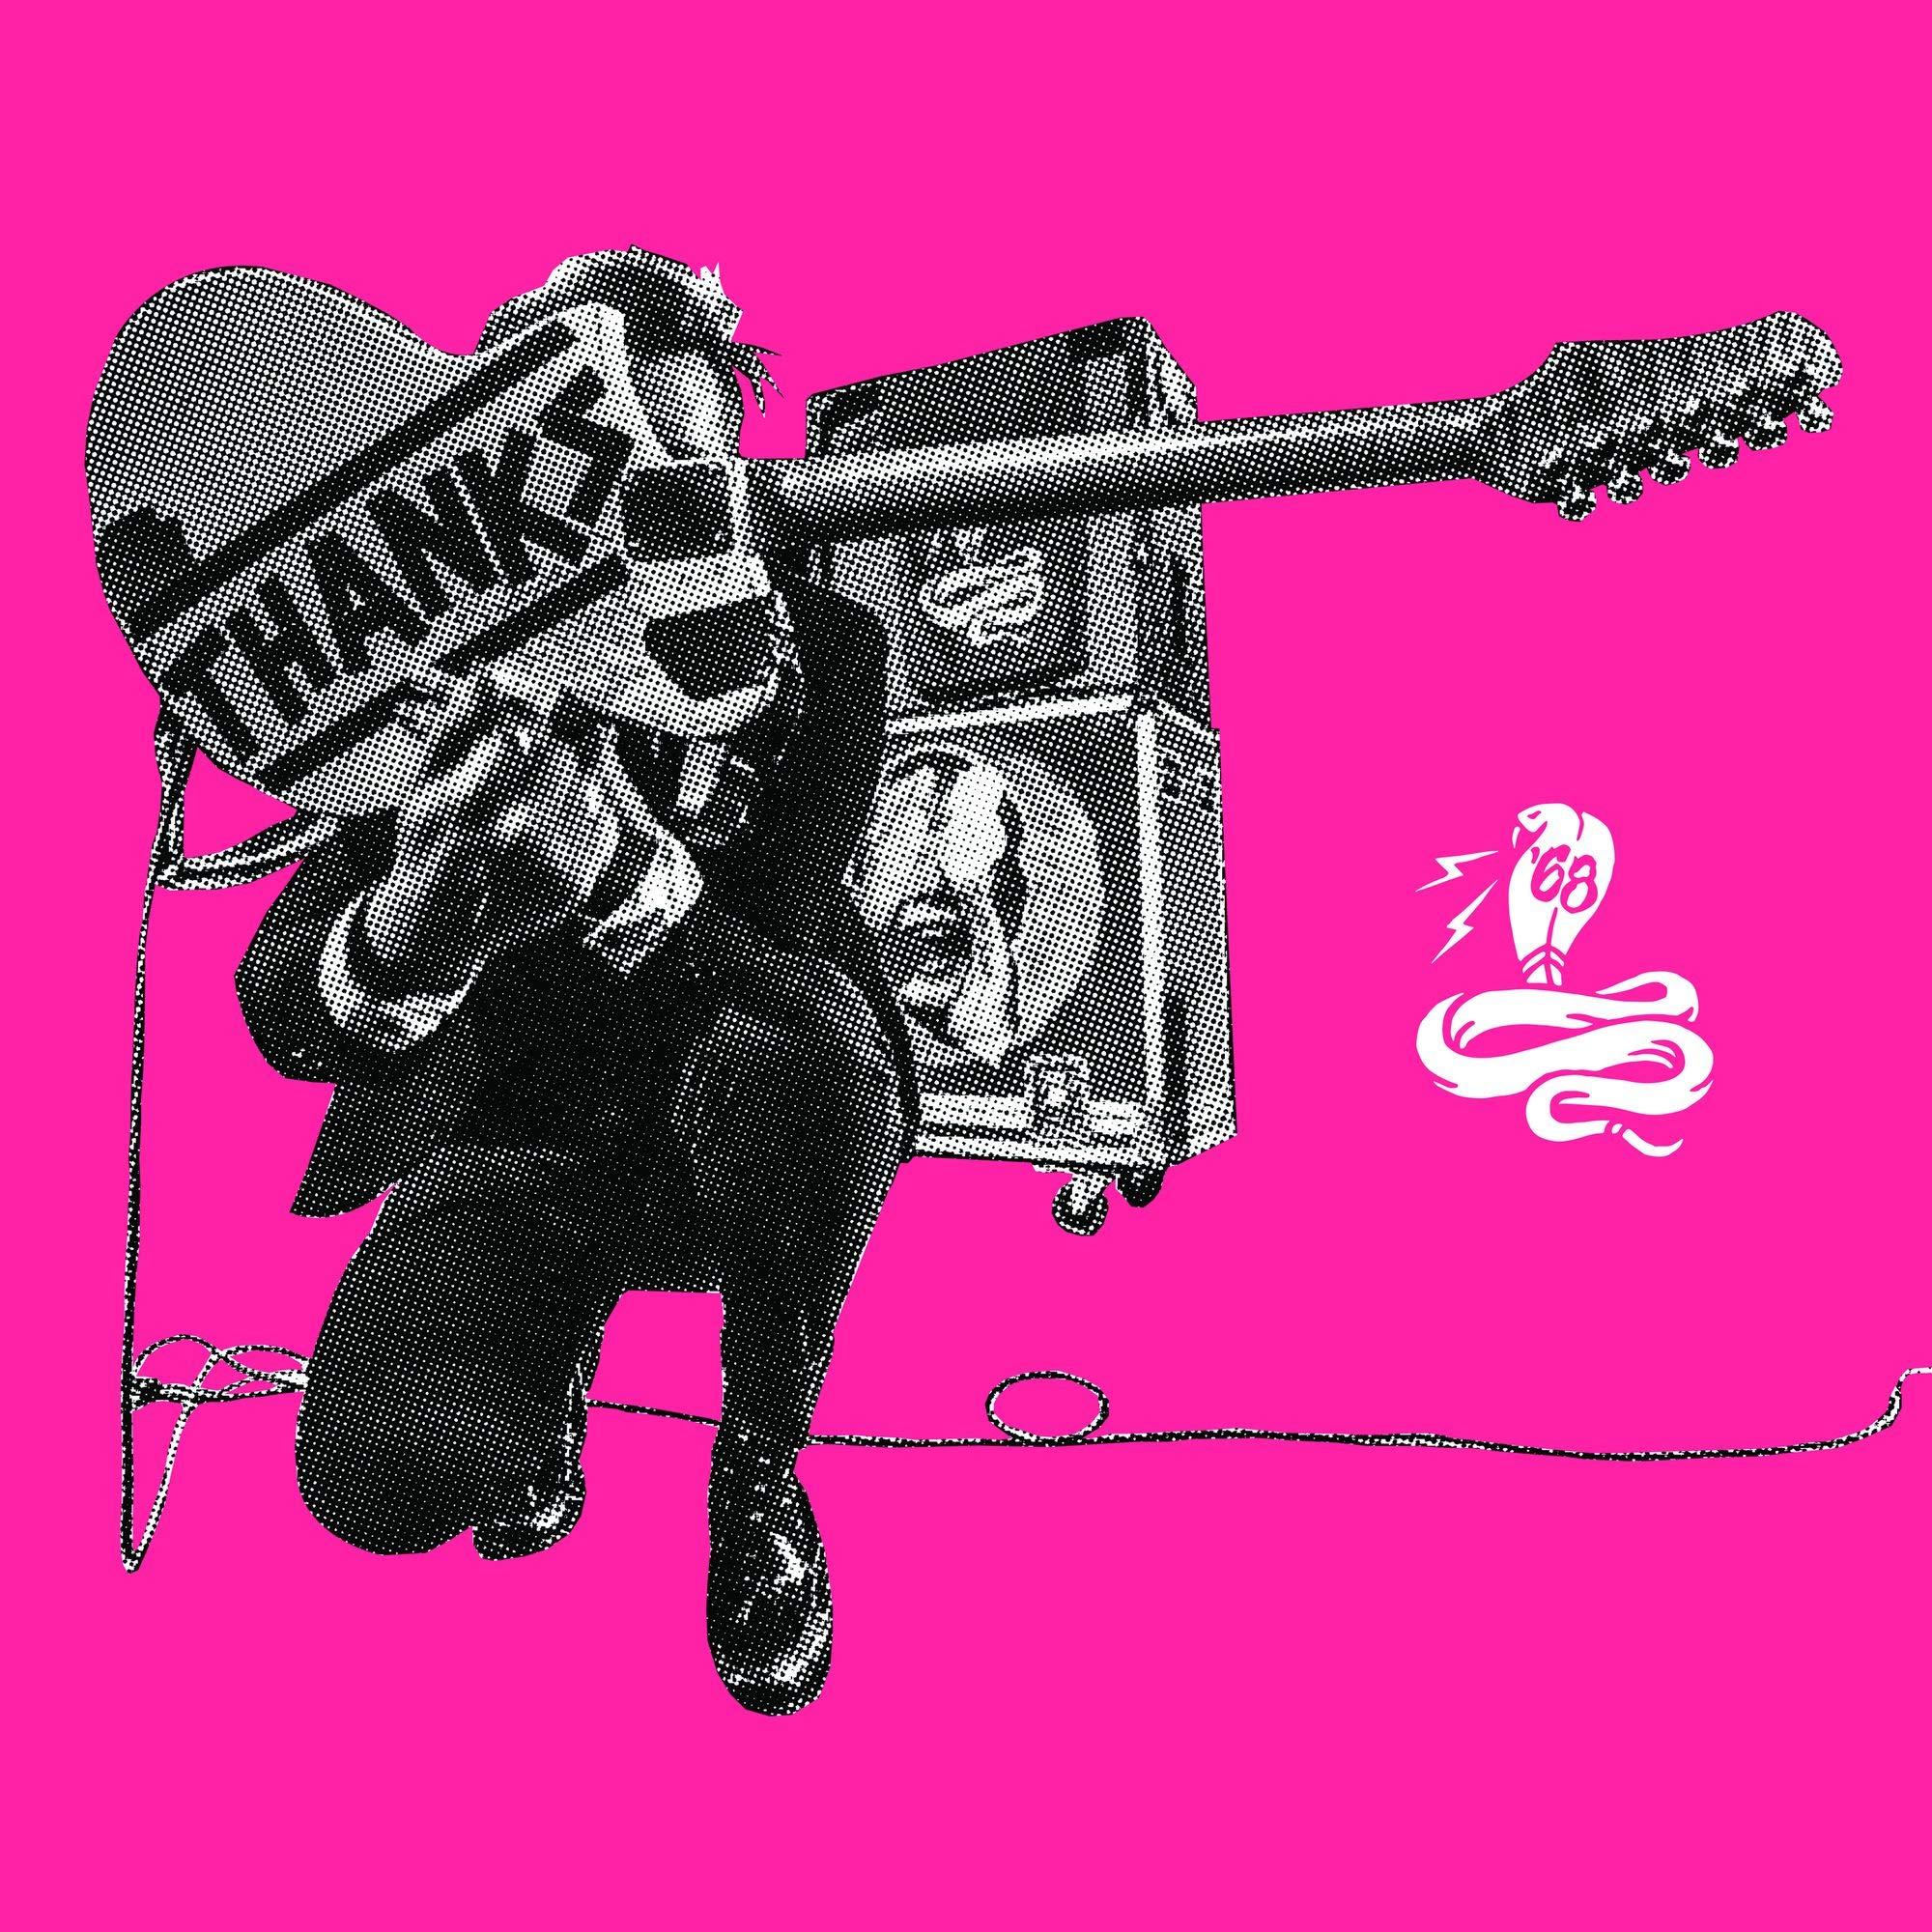 Vinilo : '68 - Summertime Blues (10-Inch Vinyl)